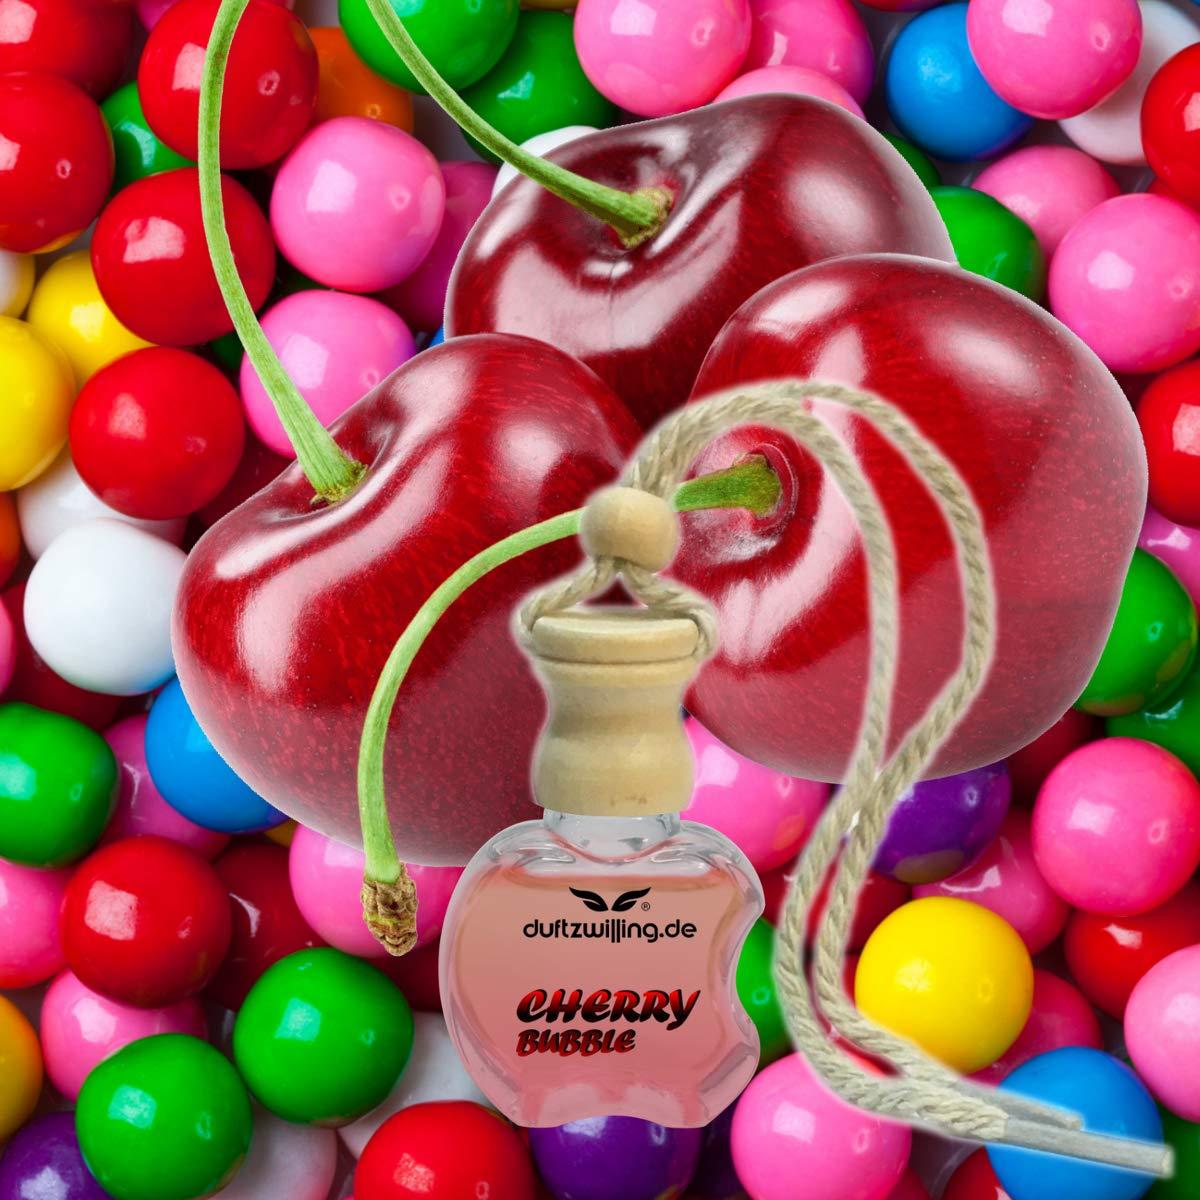 Mega Autoparfüm Kirsch Kaugummi Geruch Autoduft Parfum Natürlich Öl Essenz Duftanhänger Flasche Lufterfrischer Duft Fürs Auto Cherry Bubble Beauty